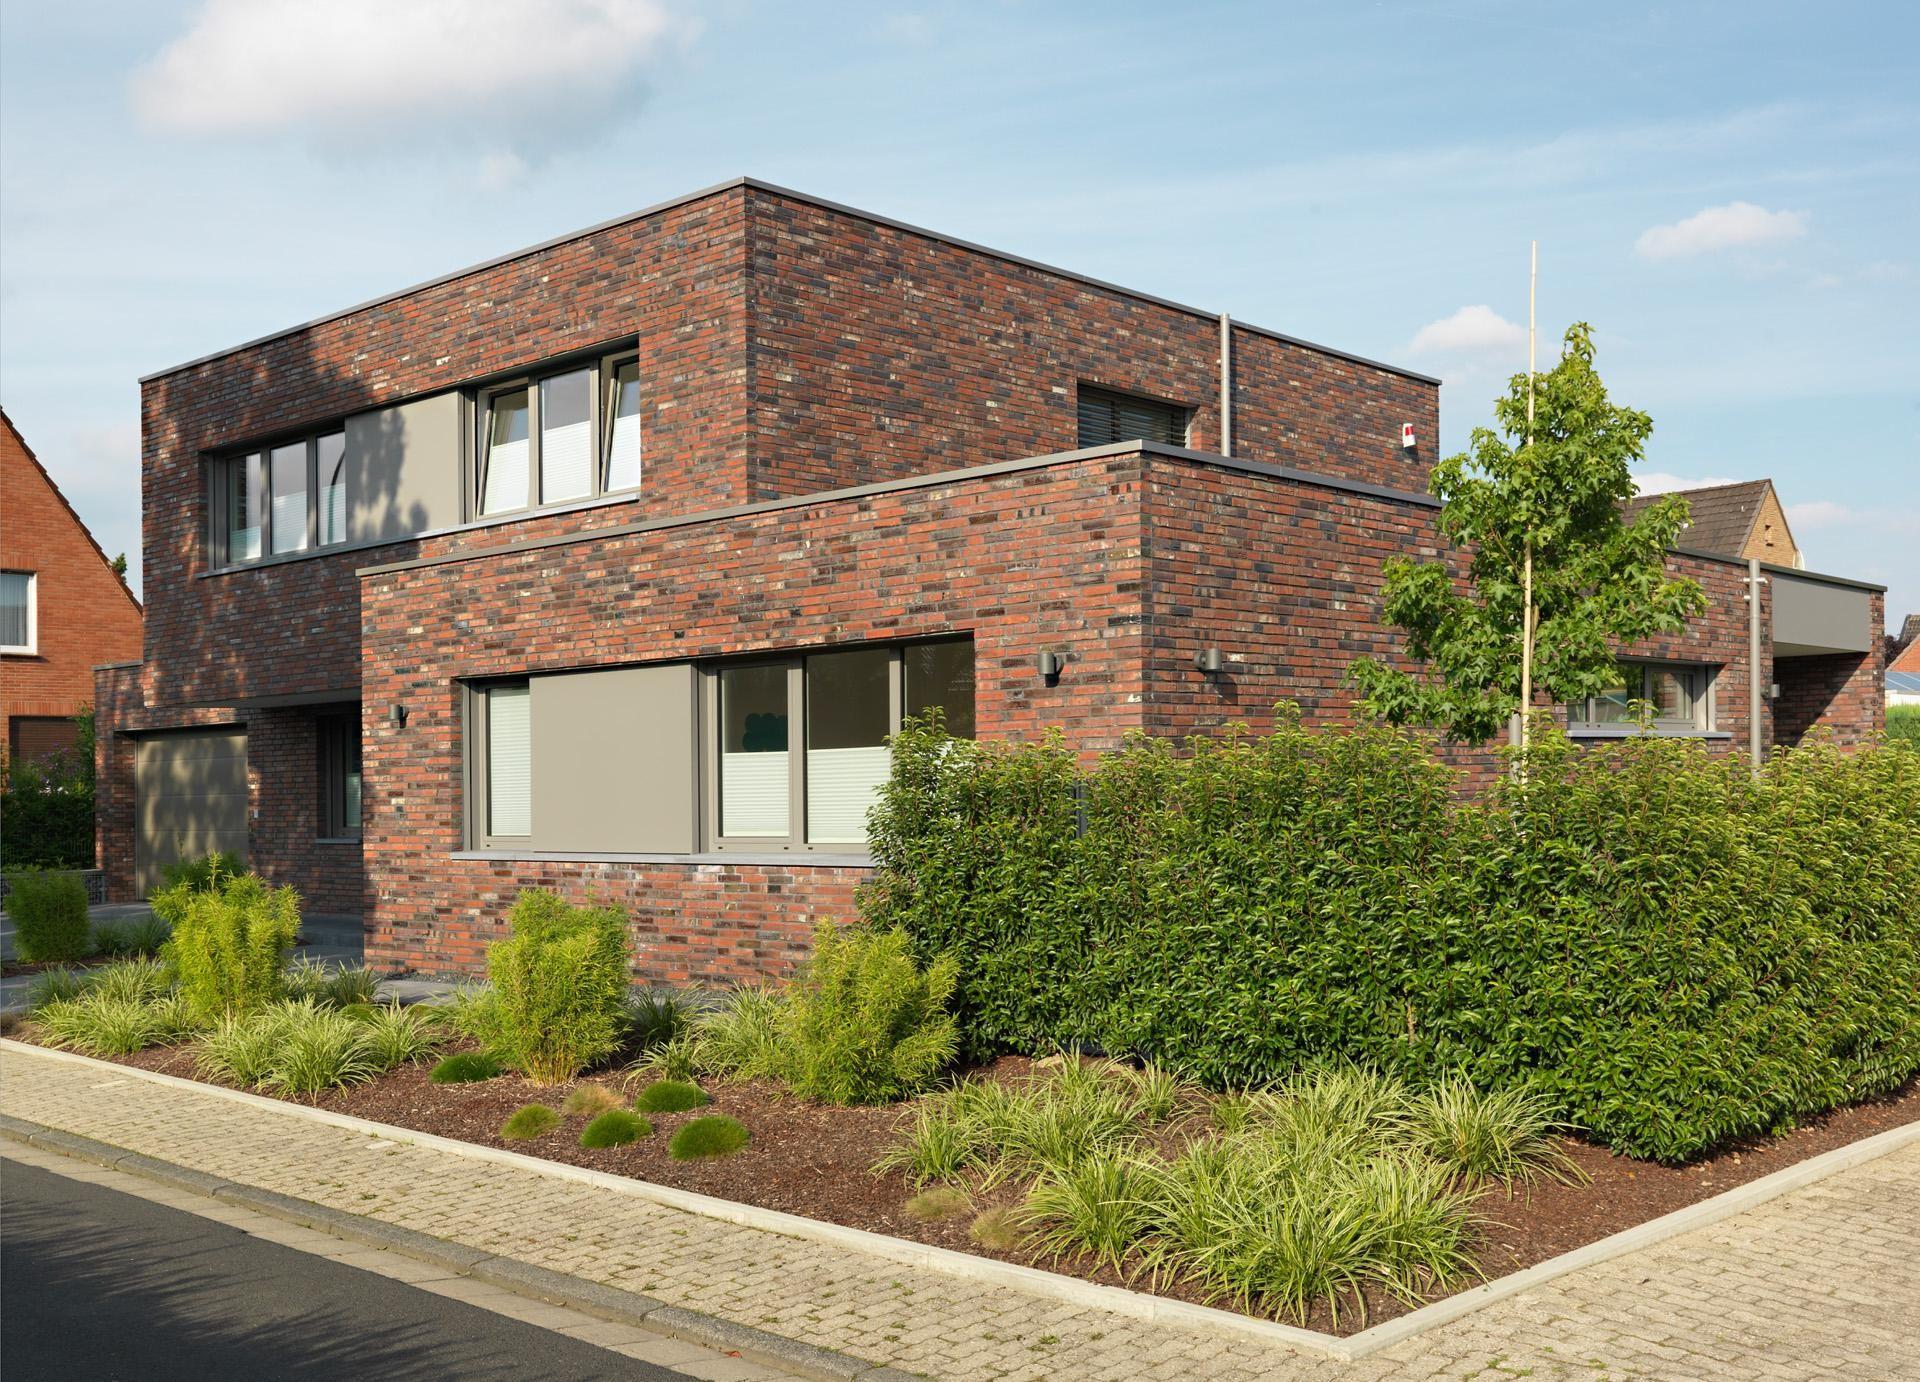 Ziegelhaus design außen bauhaus wegberg  gillrath klinker  fassade fenster tür in